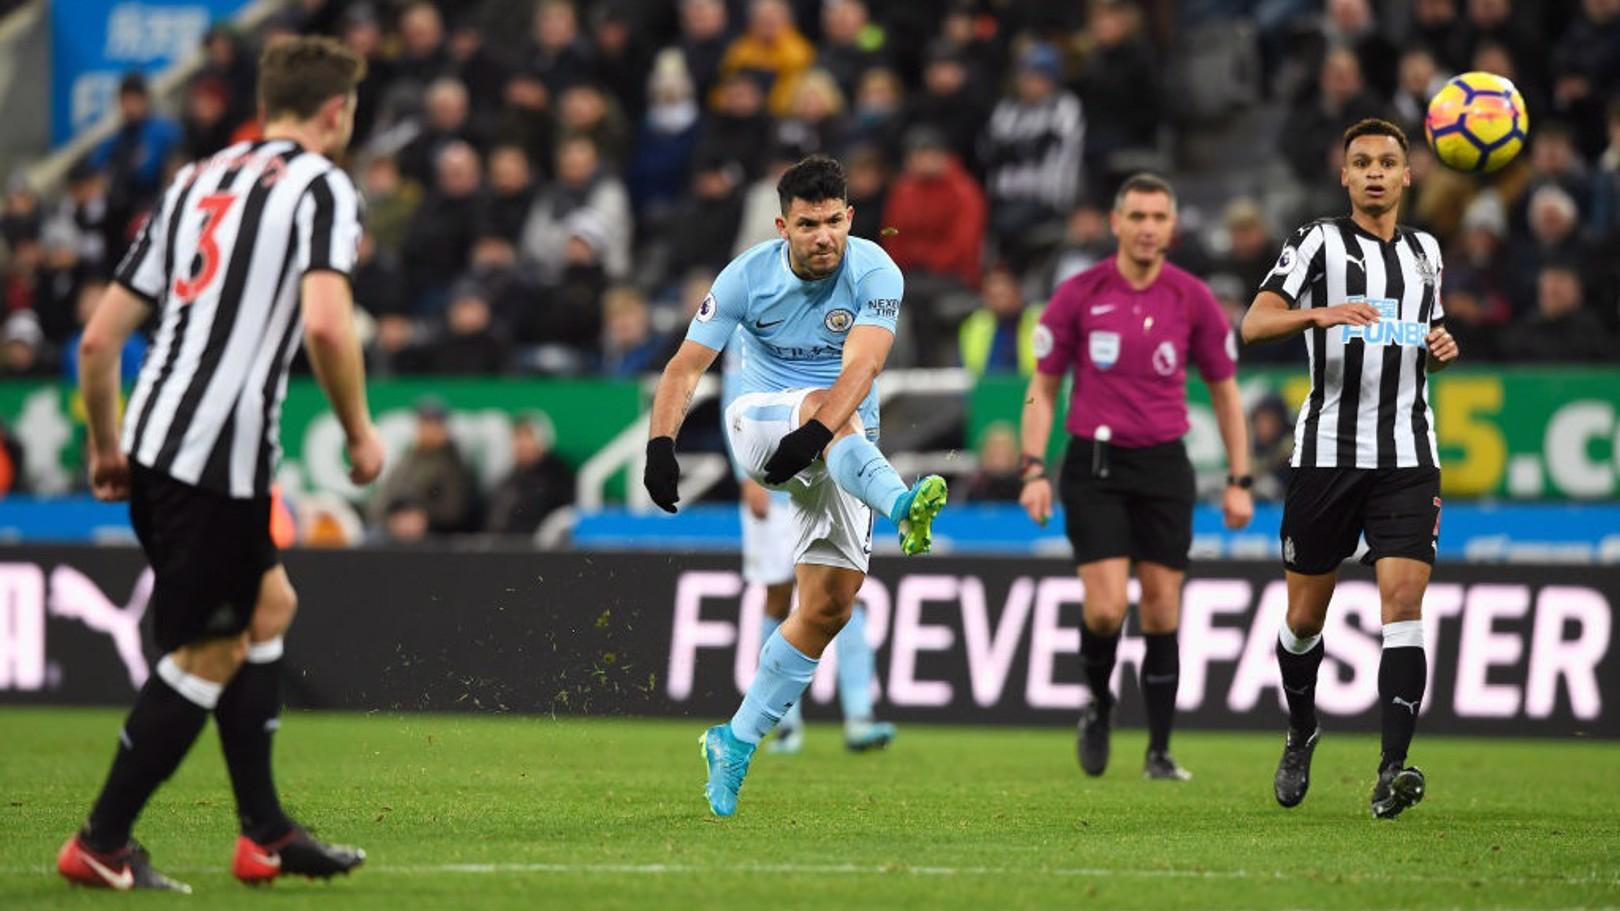 세지오 아구에로의 득점 찬스!! 하지만 공은 골대를 맞고...